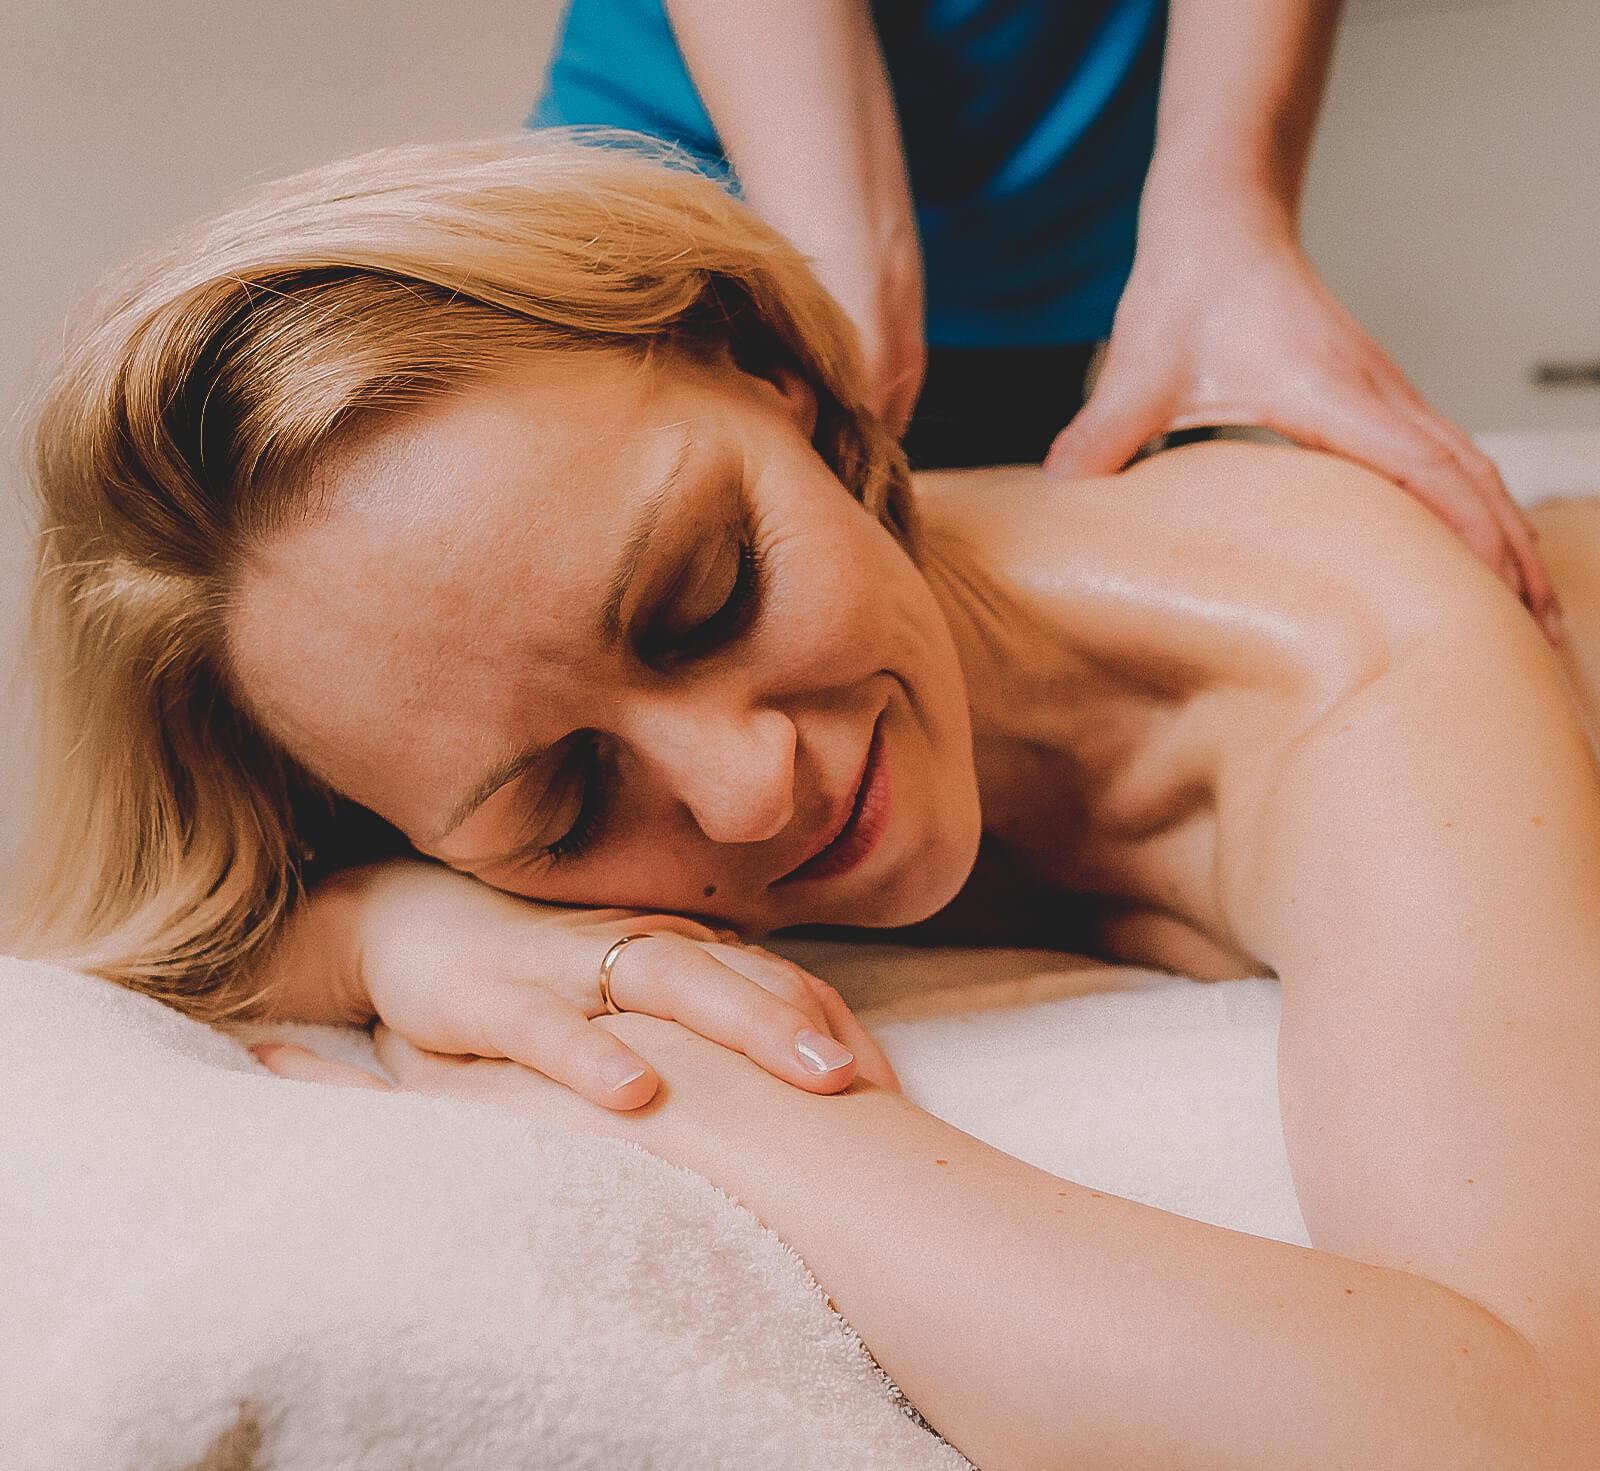 Trixi-Spa Entspannung Grossschönau Massage Gesundheitsanwendungen